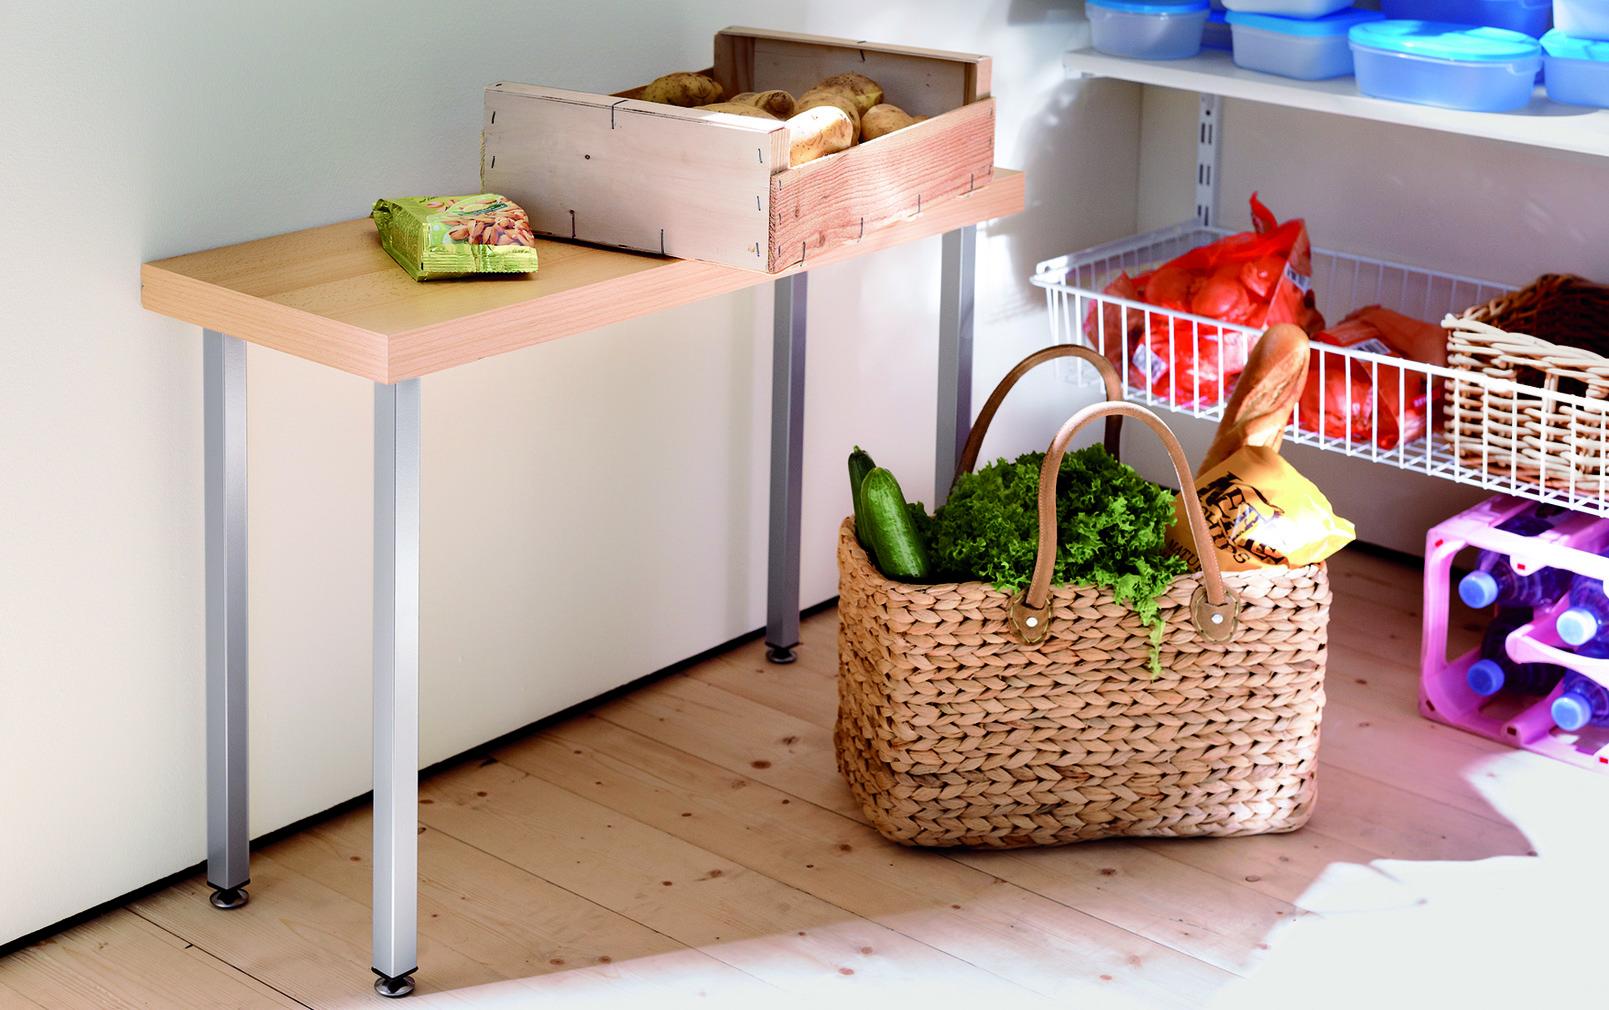 Möbel- und Tischfüsse 25/25 mm